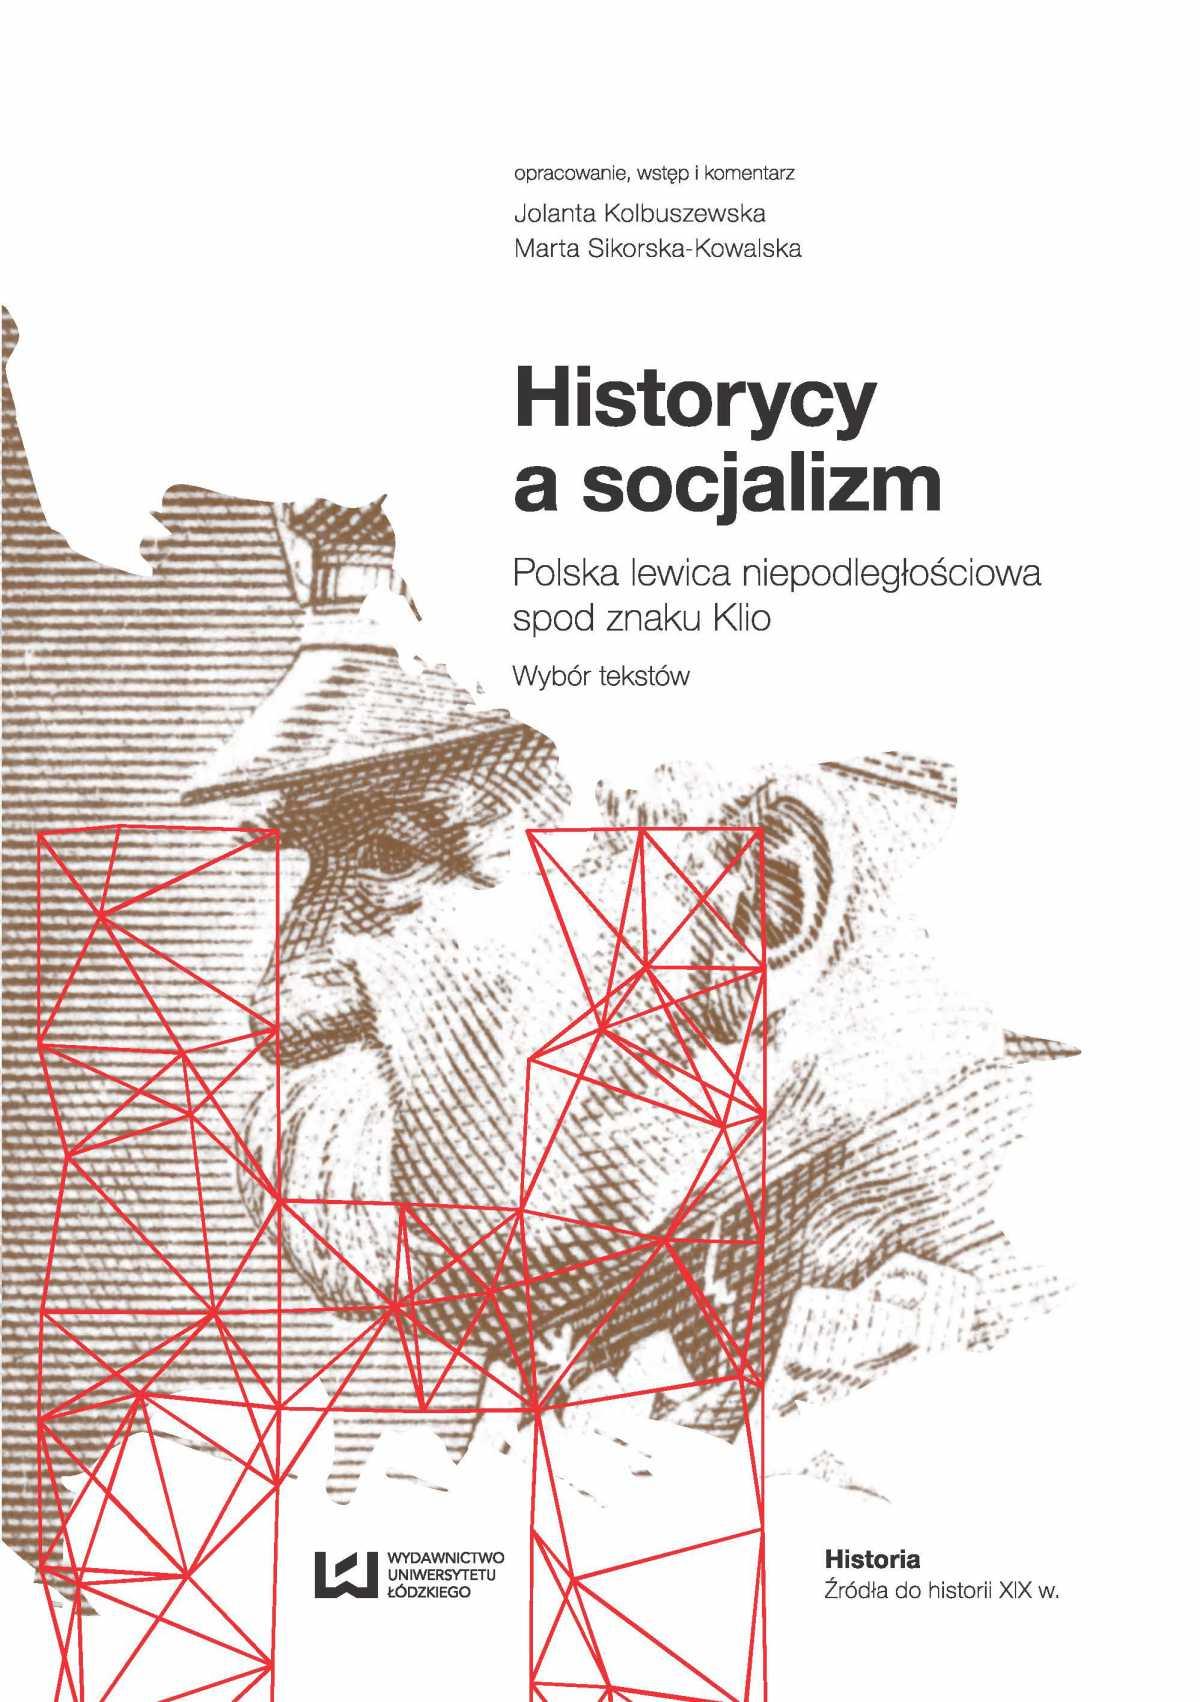 Historycy a socjalizm. Polska lewica niepodległościowa spod znaku Klio. Wybór tekstów - Ebook (Książka PDF) do pobrania w formacie PDF